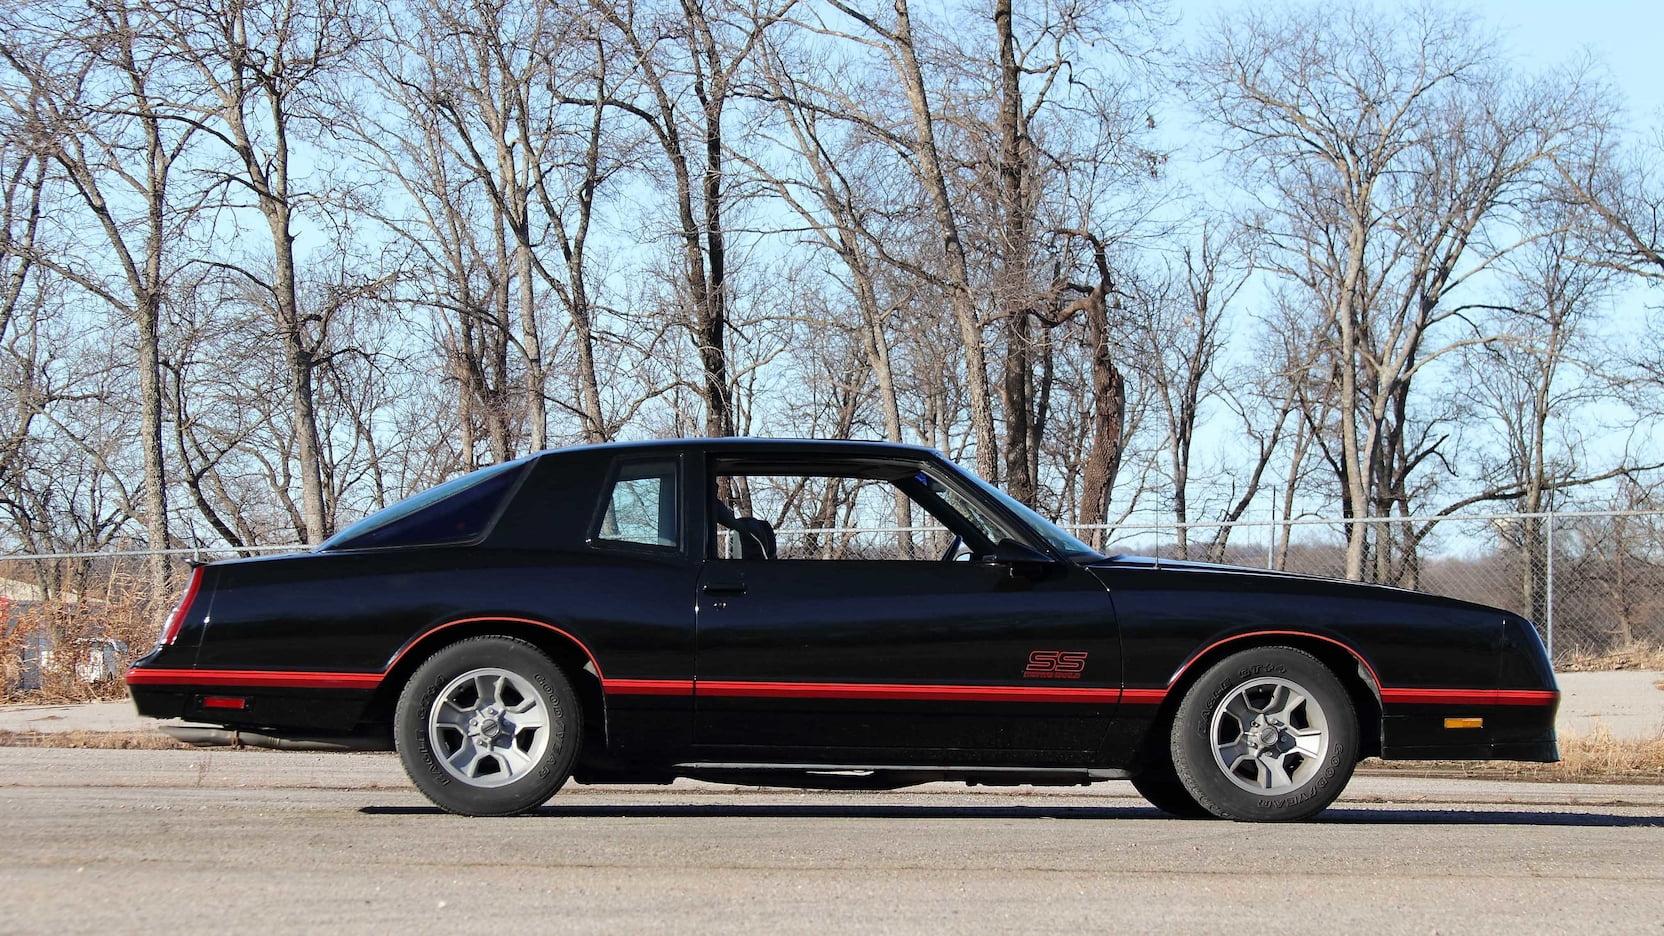 1987 Chevrolet Monte Carlo SS profile